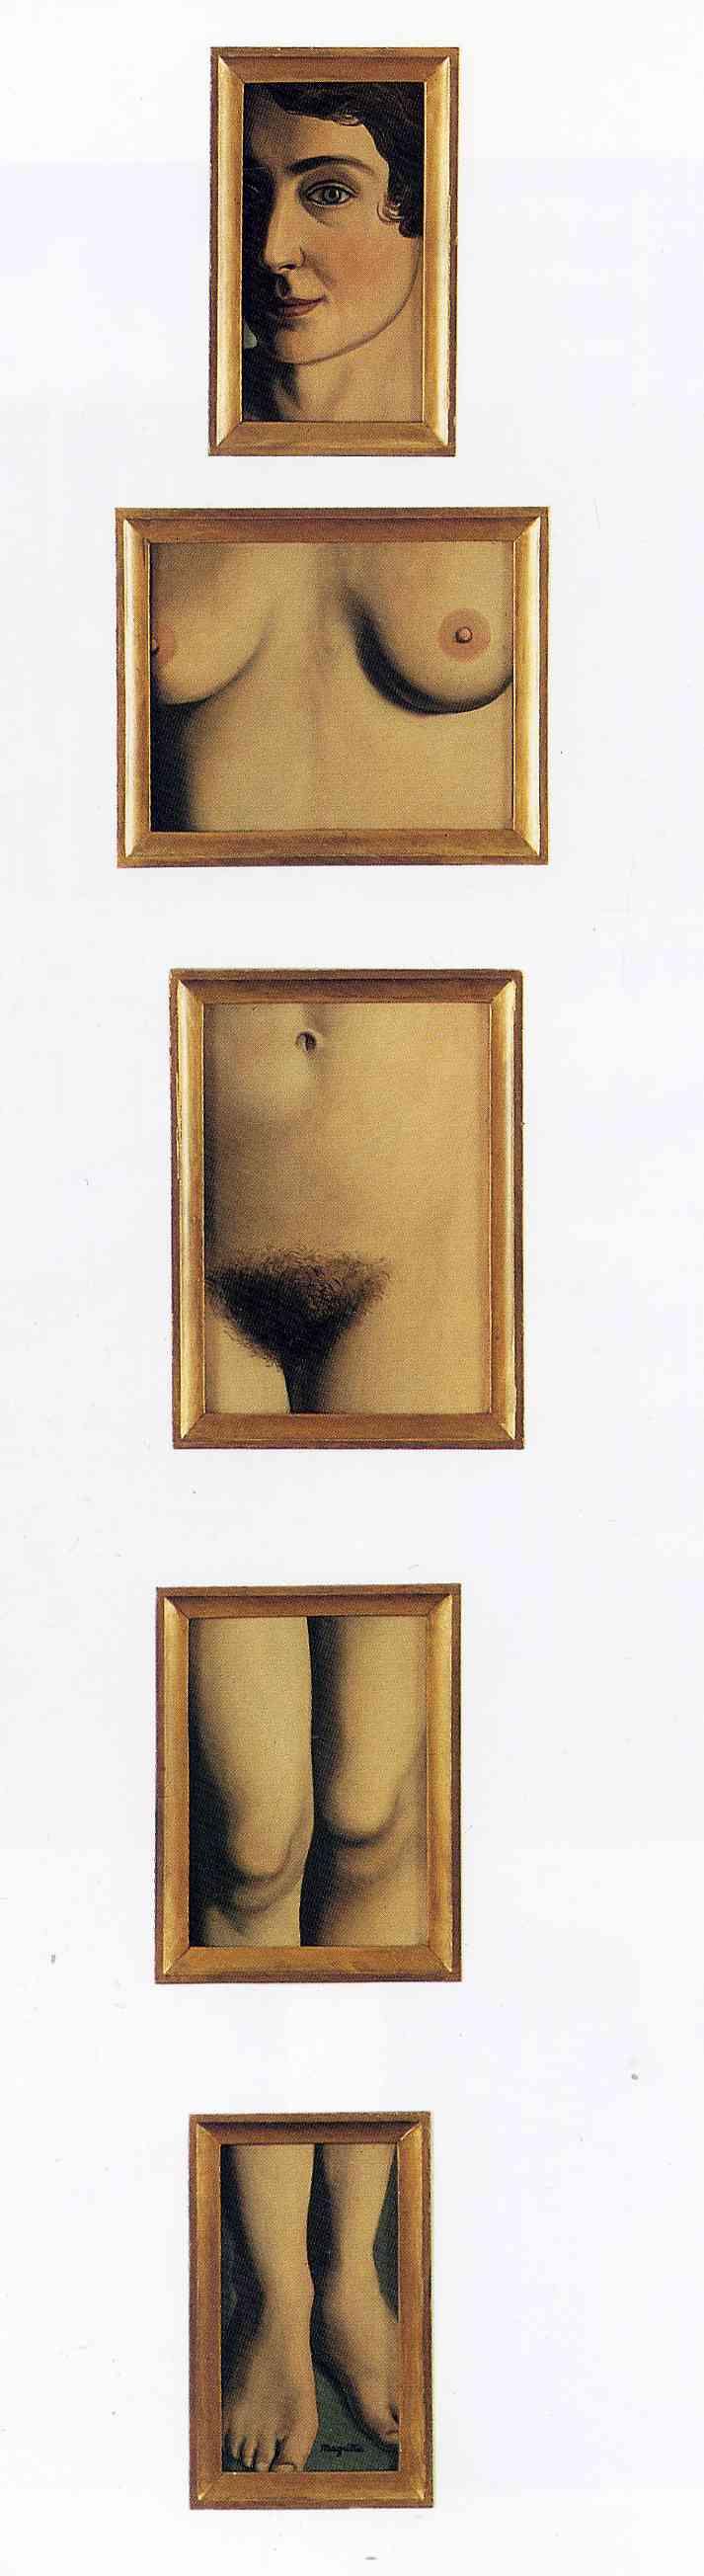 René Magritte. Eternal proof